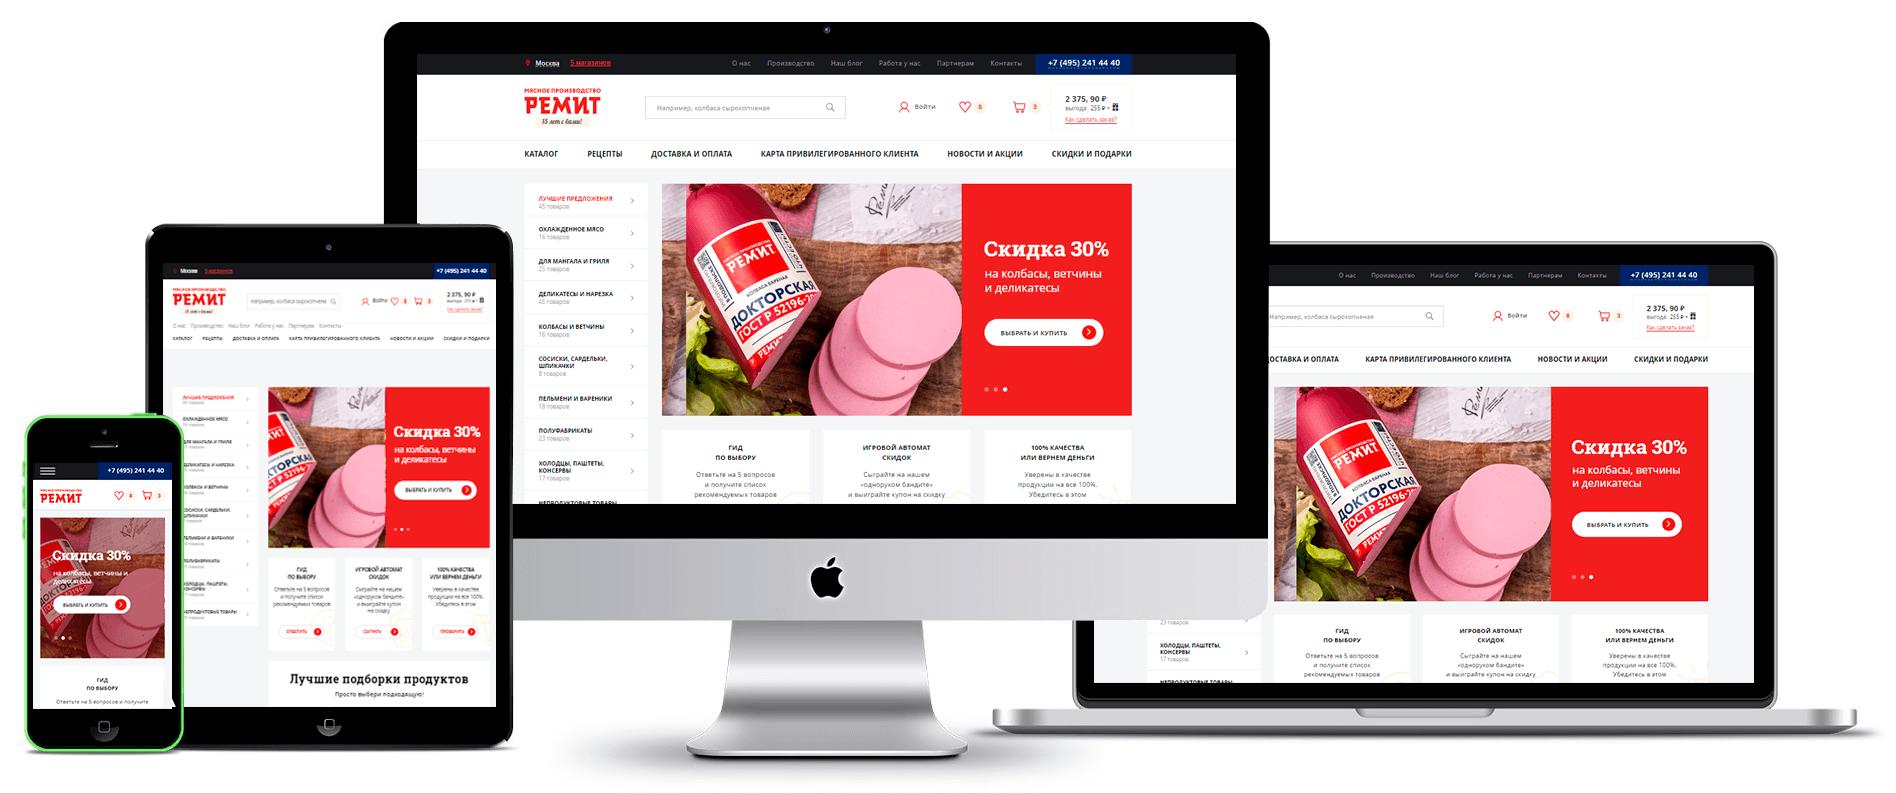 Кейс: верстка интернет-магазина «Ремит» • Создание и продвижение сайтов